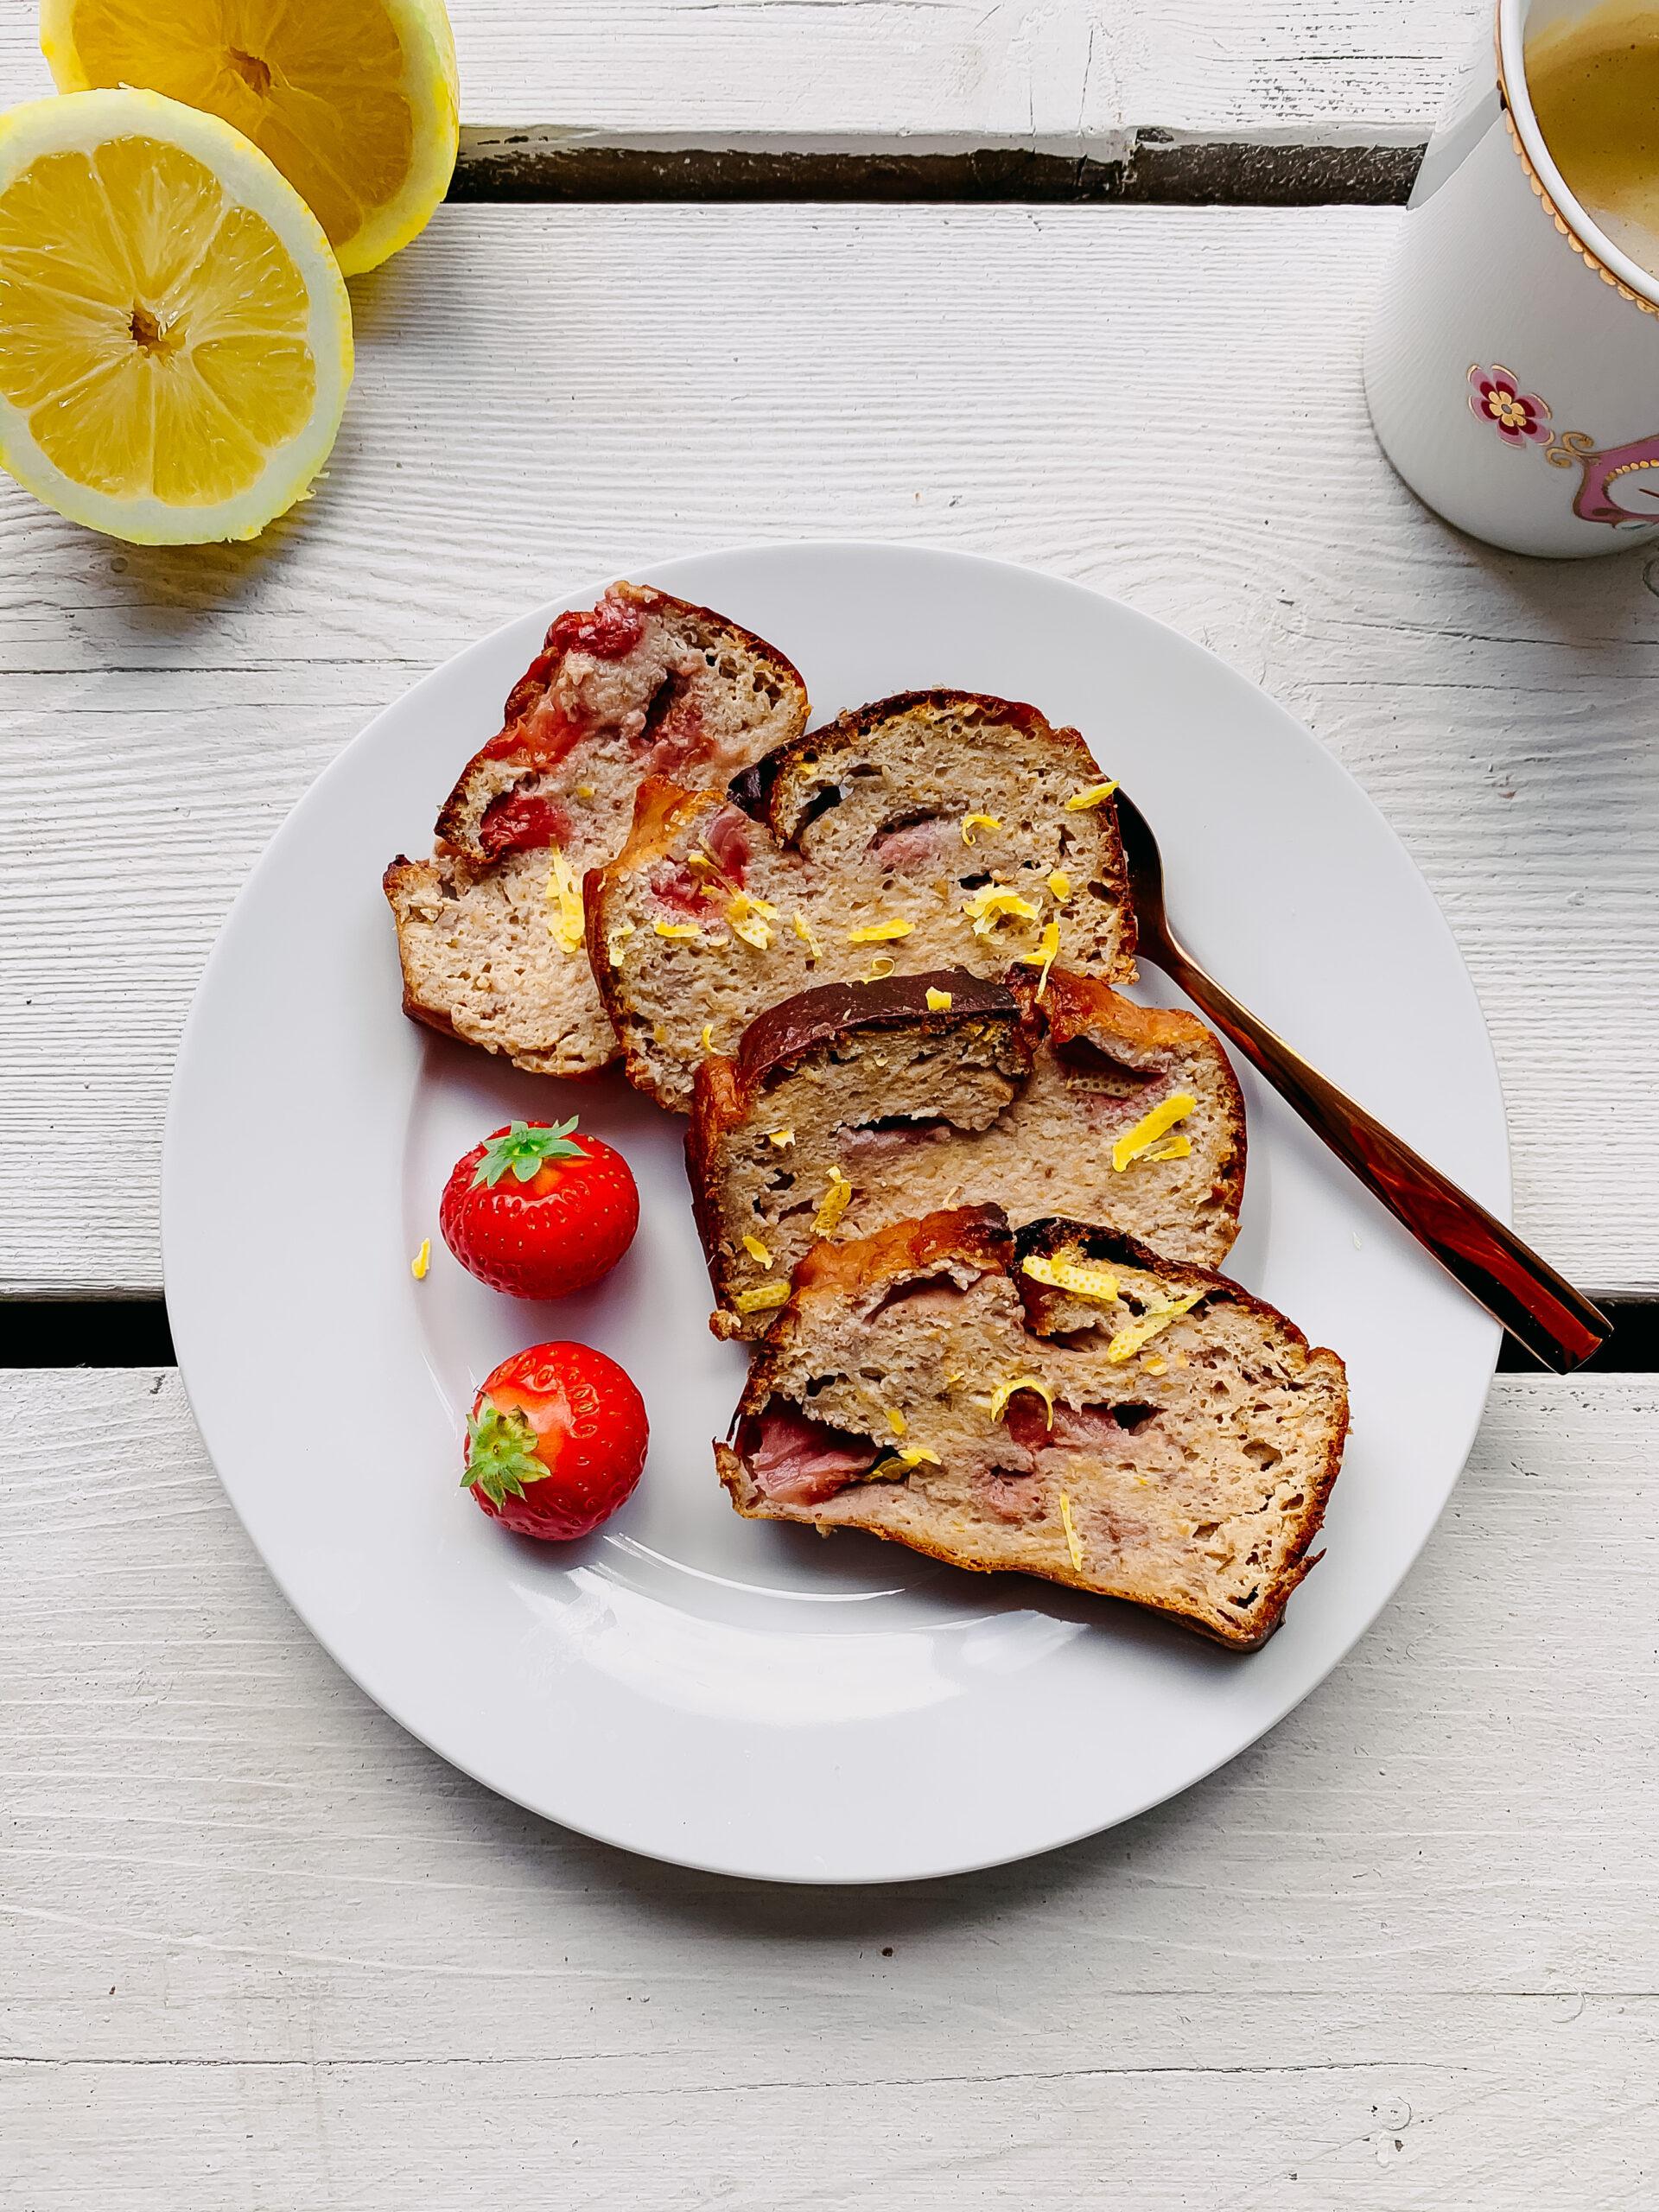 Aardbeien bananenbrood met citroen